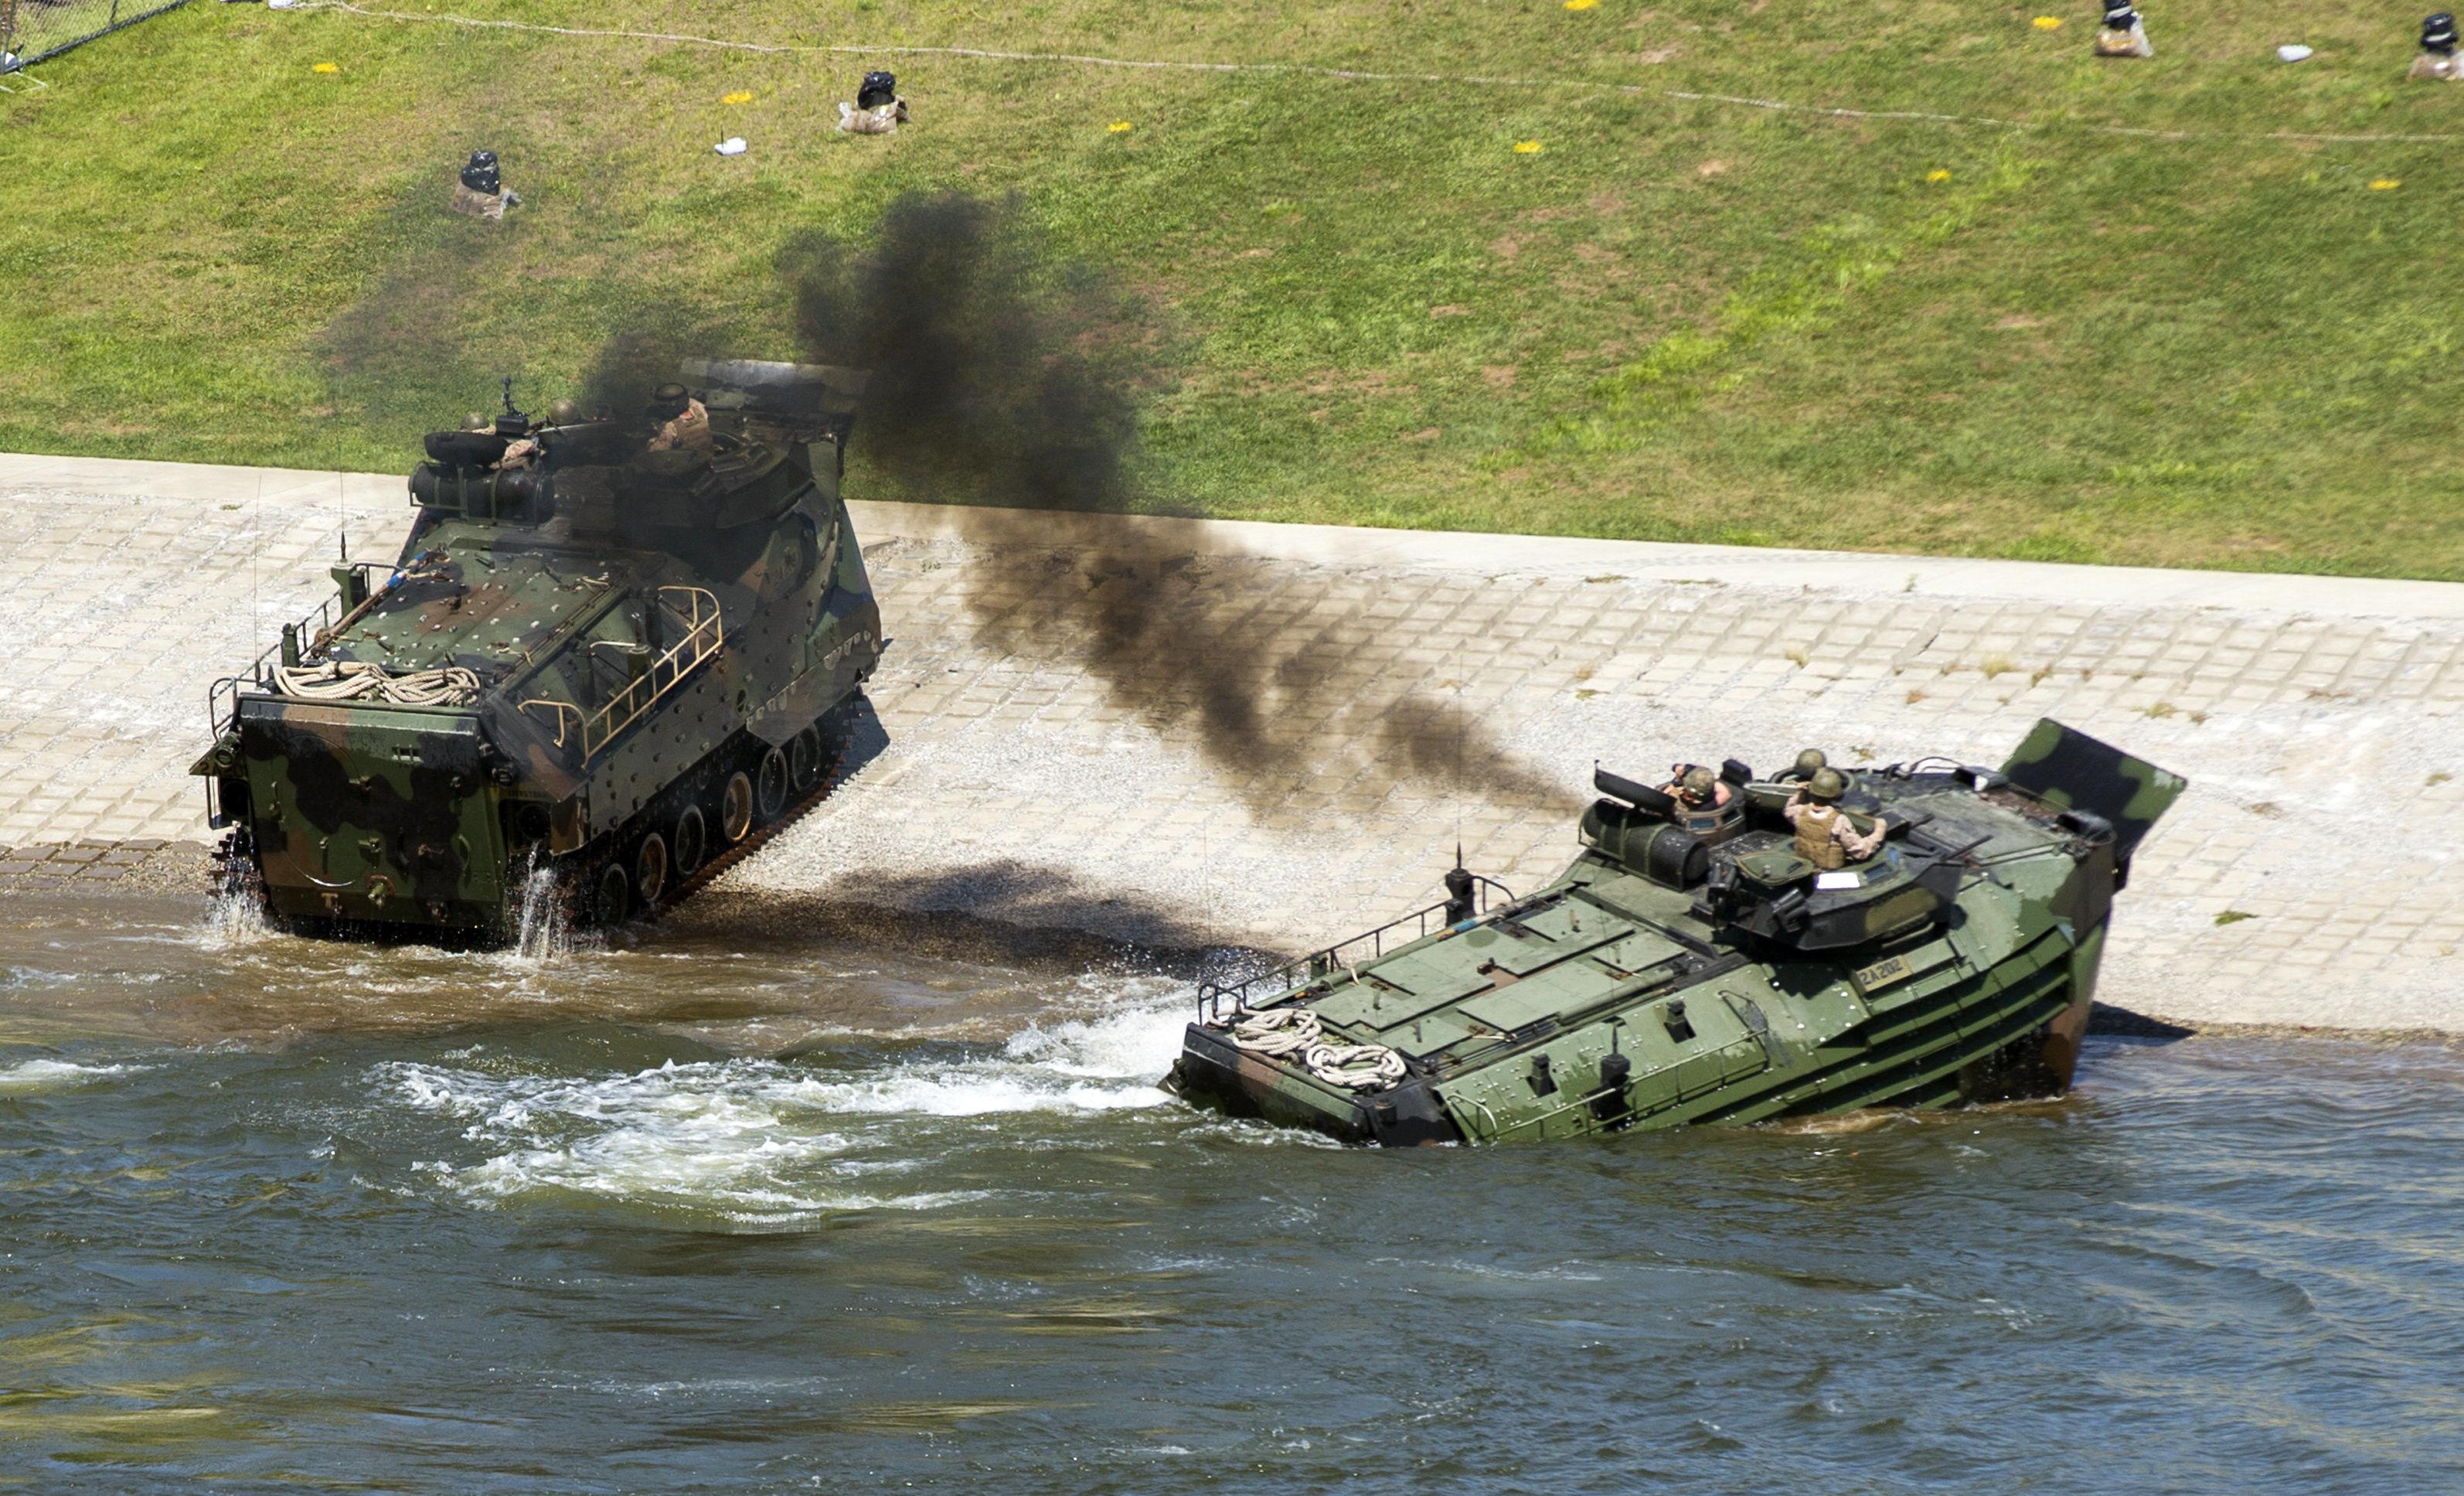 Fuzileiros navais dos EUA operando veículos anfíbios durante manobras (foto de arquivo)